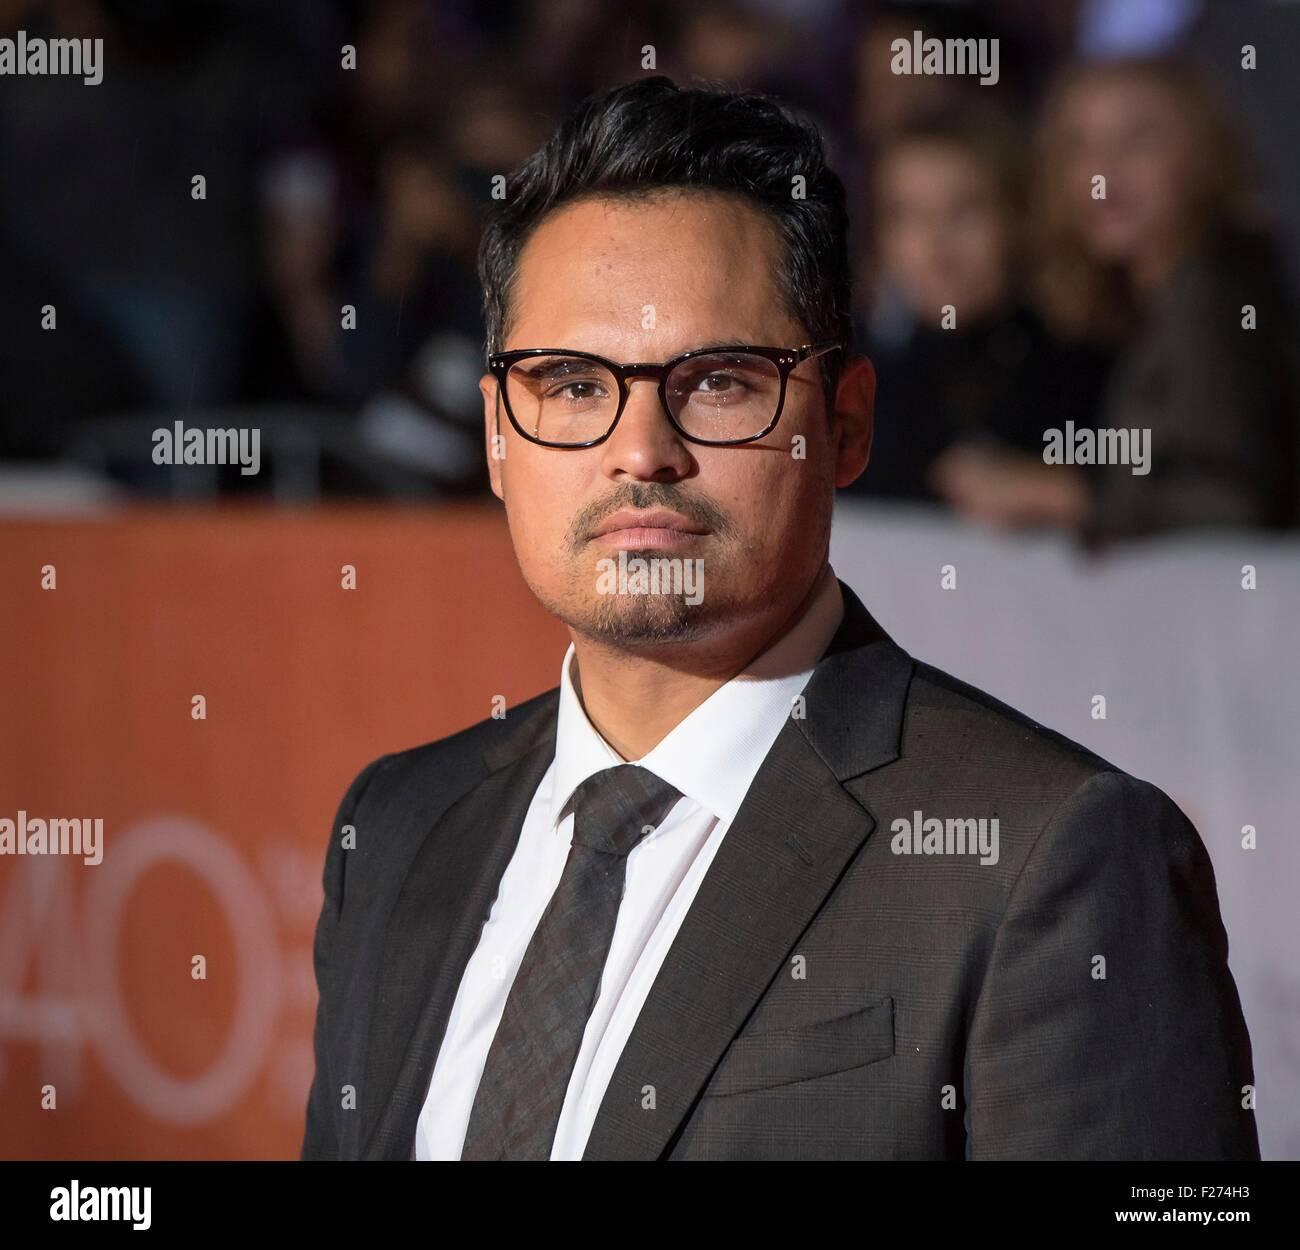 Attore Michael Peña assiste la premiere mondiale per il marziano al Toronto International Film Festival al Immagini Stock